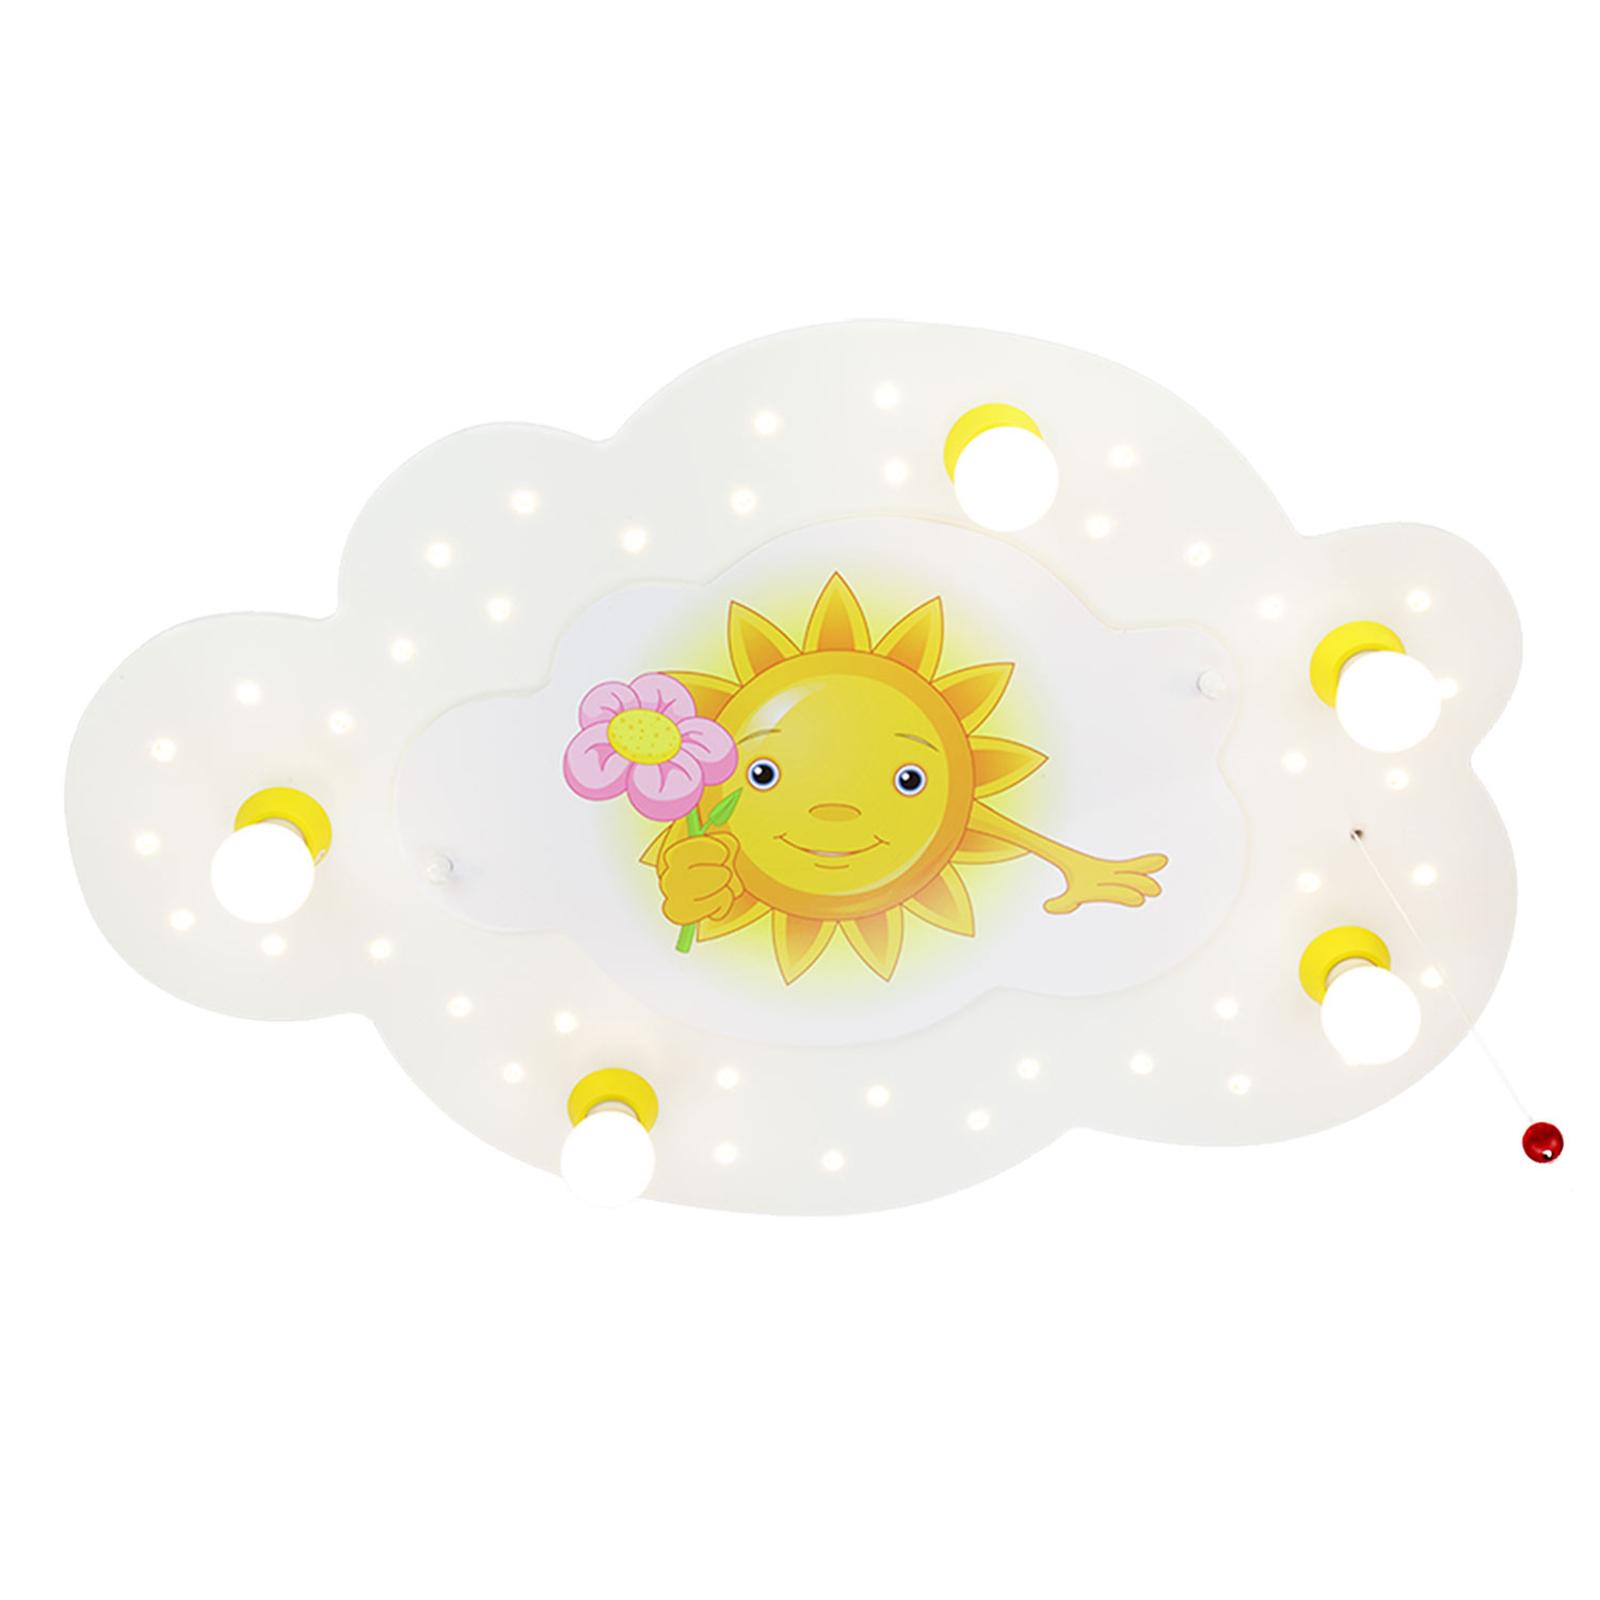 Lampa sufitowa Słońce z kwiatem, 5-punktowa, biała